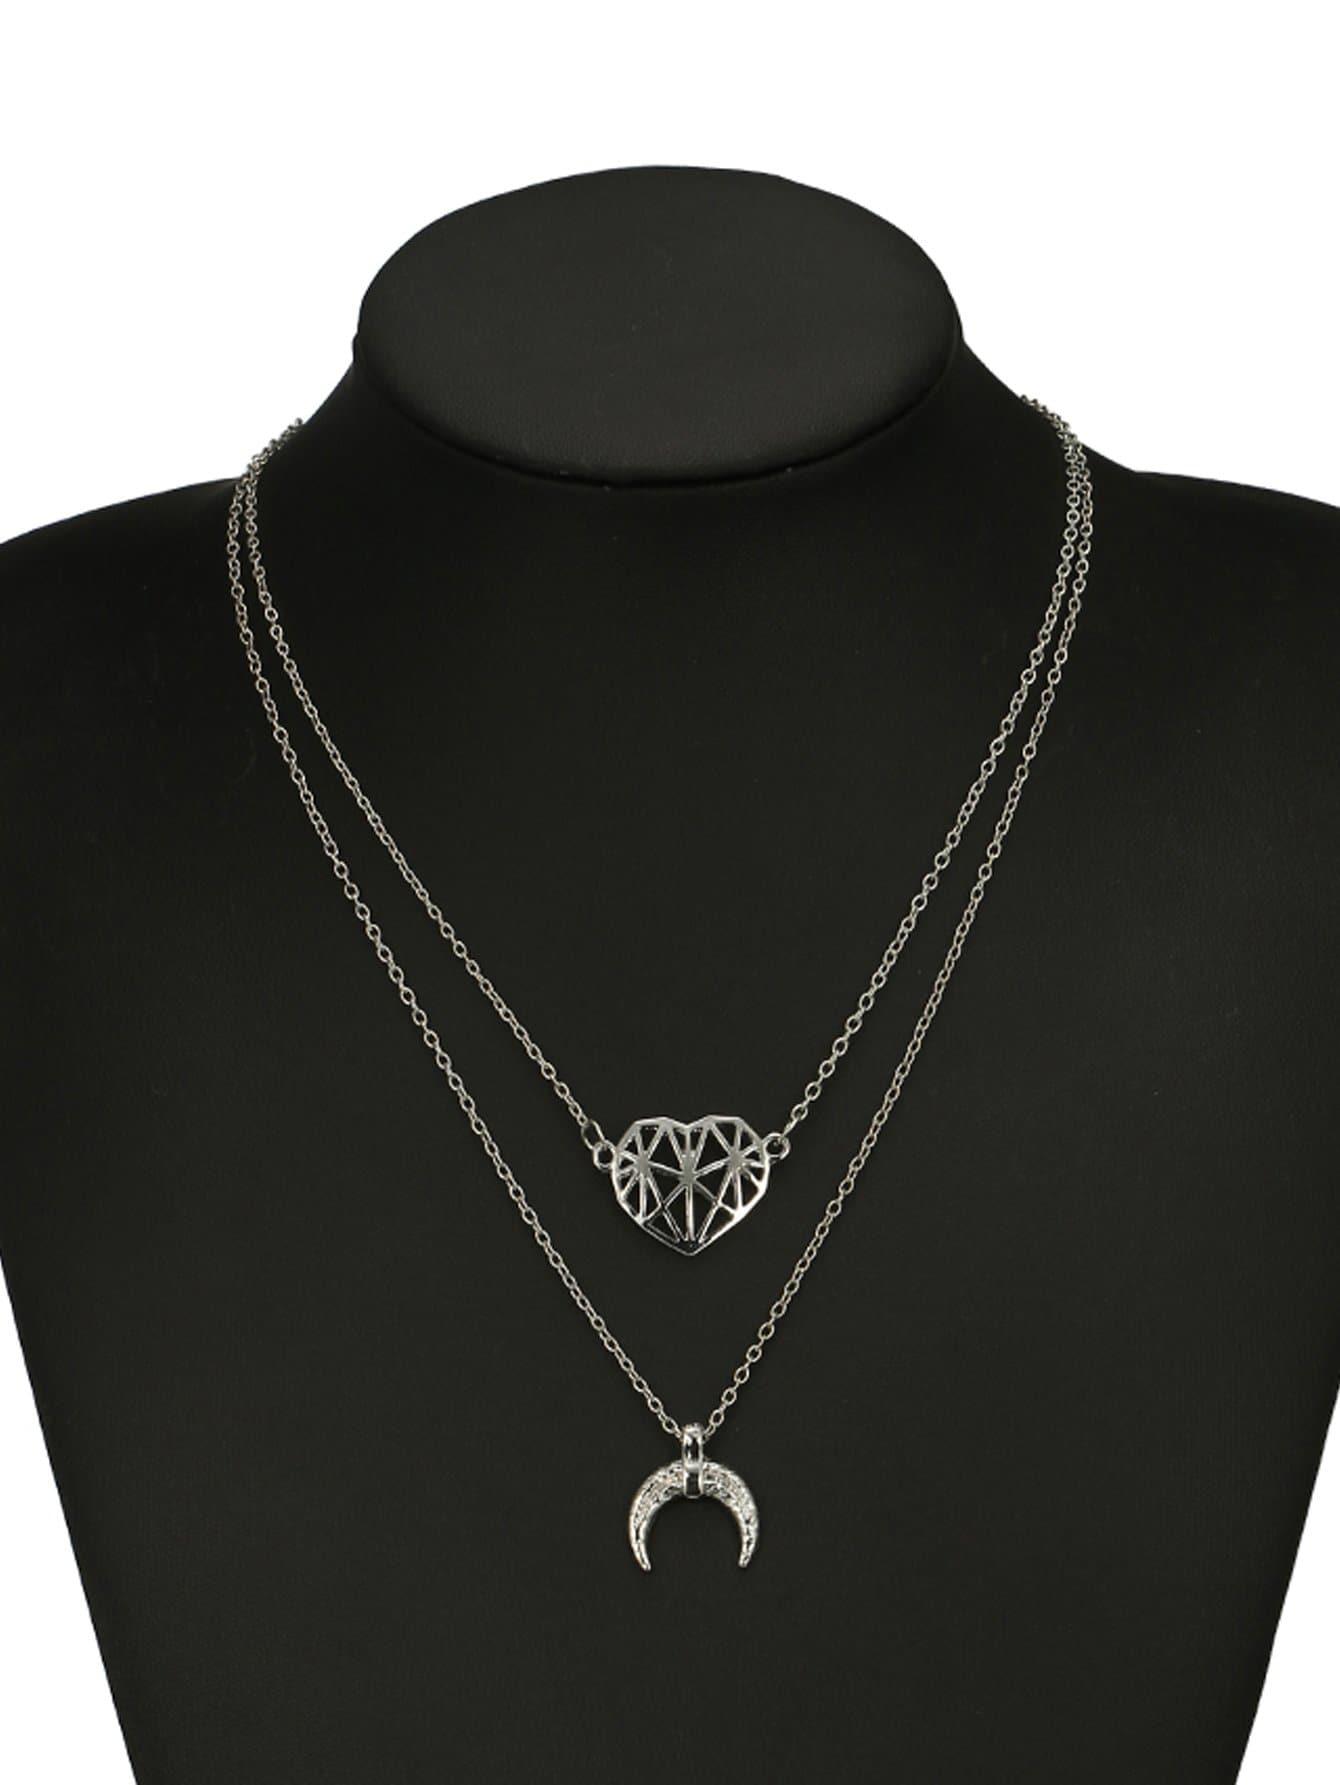 Mond & Herz Anhänger geschichteten Halskette